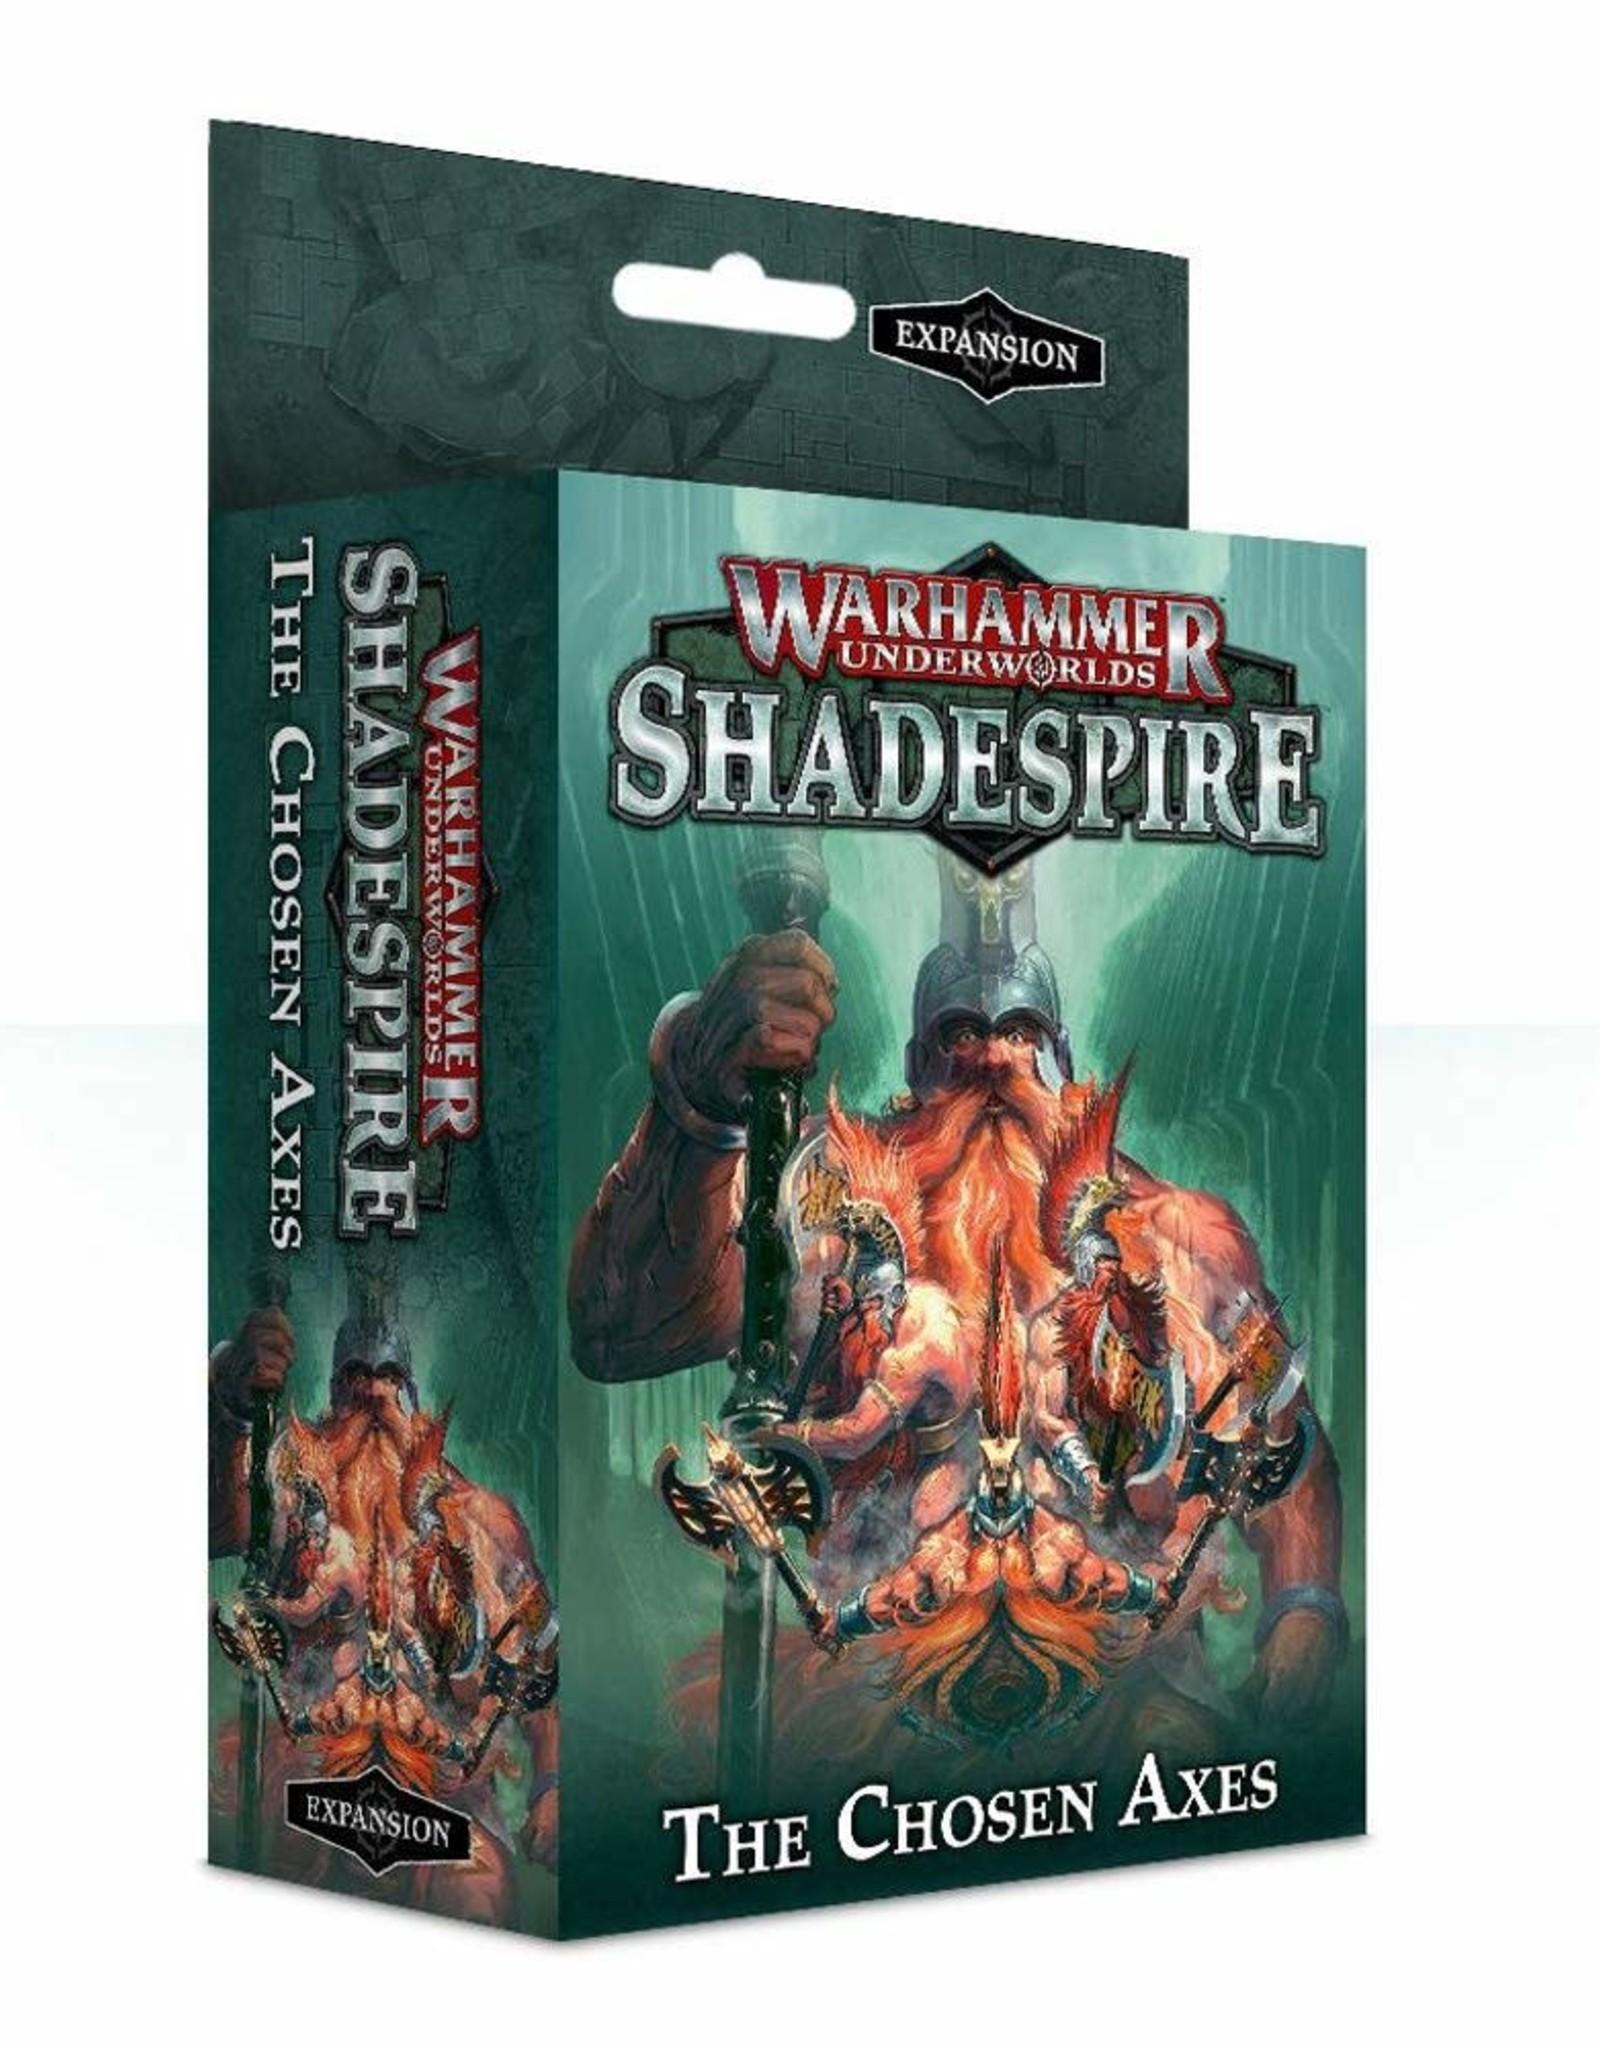 Warhammer Underworlds Warhammer Underworlds: The Chosen Axes